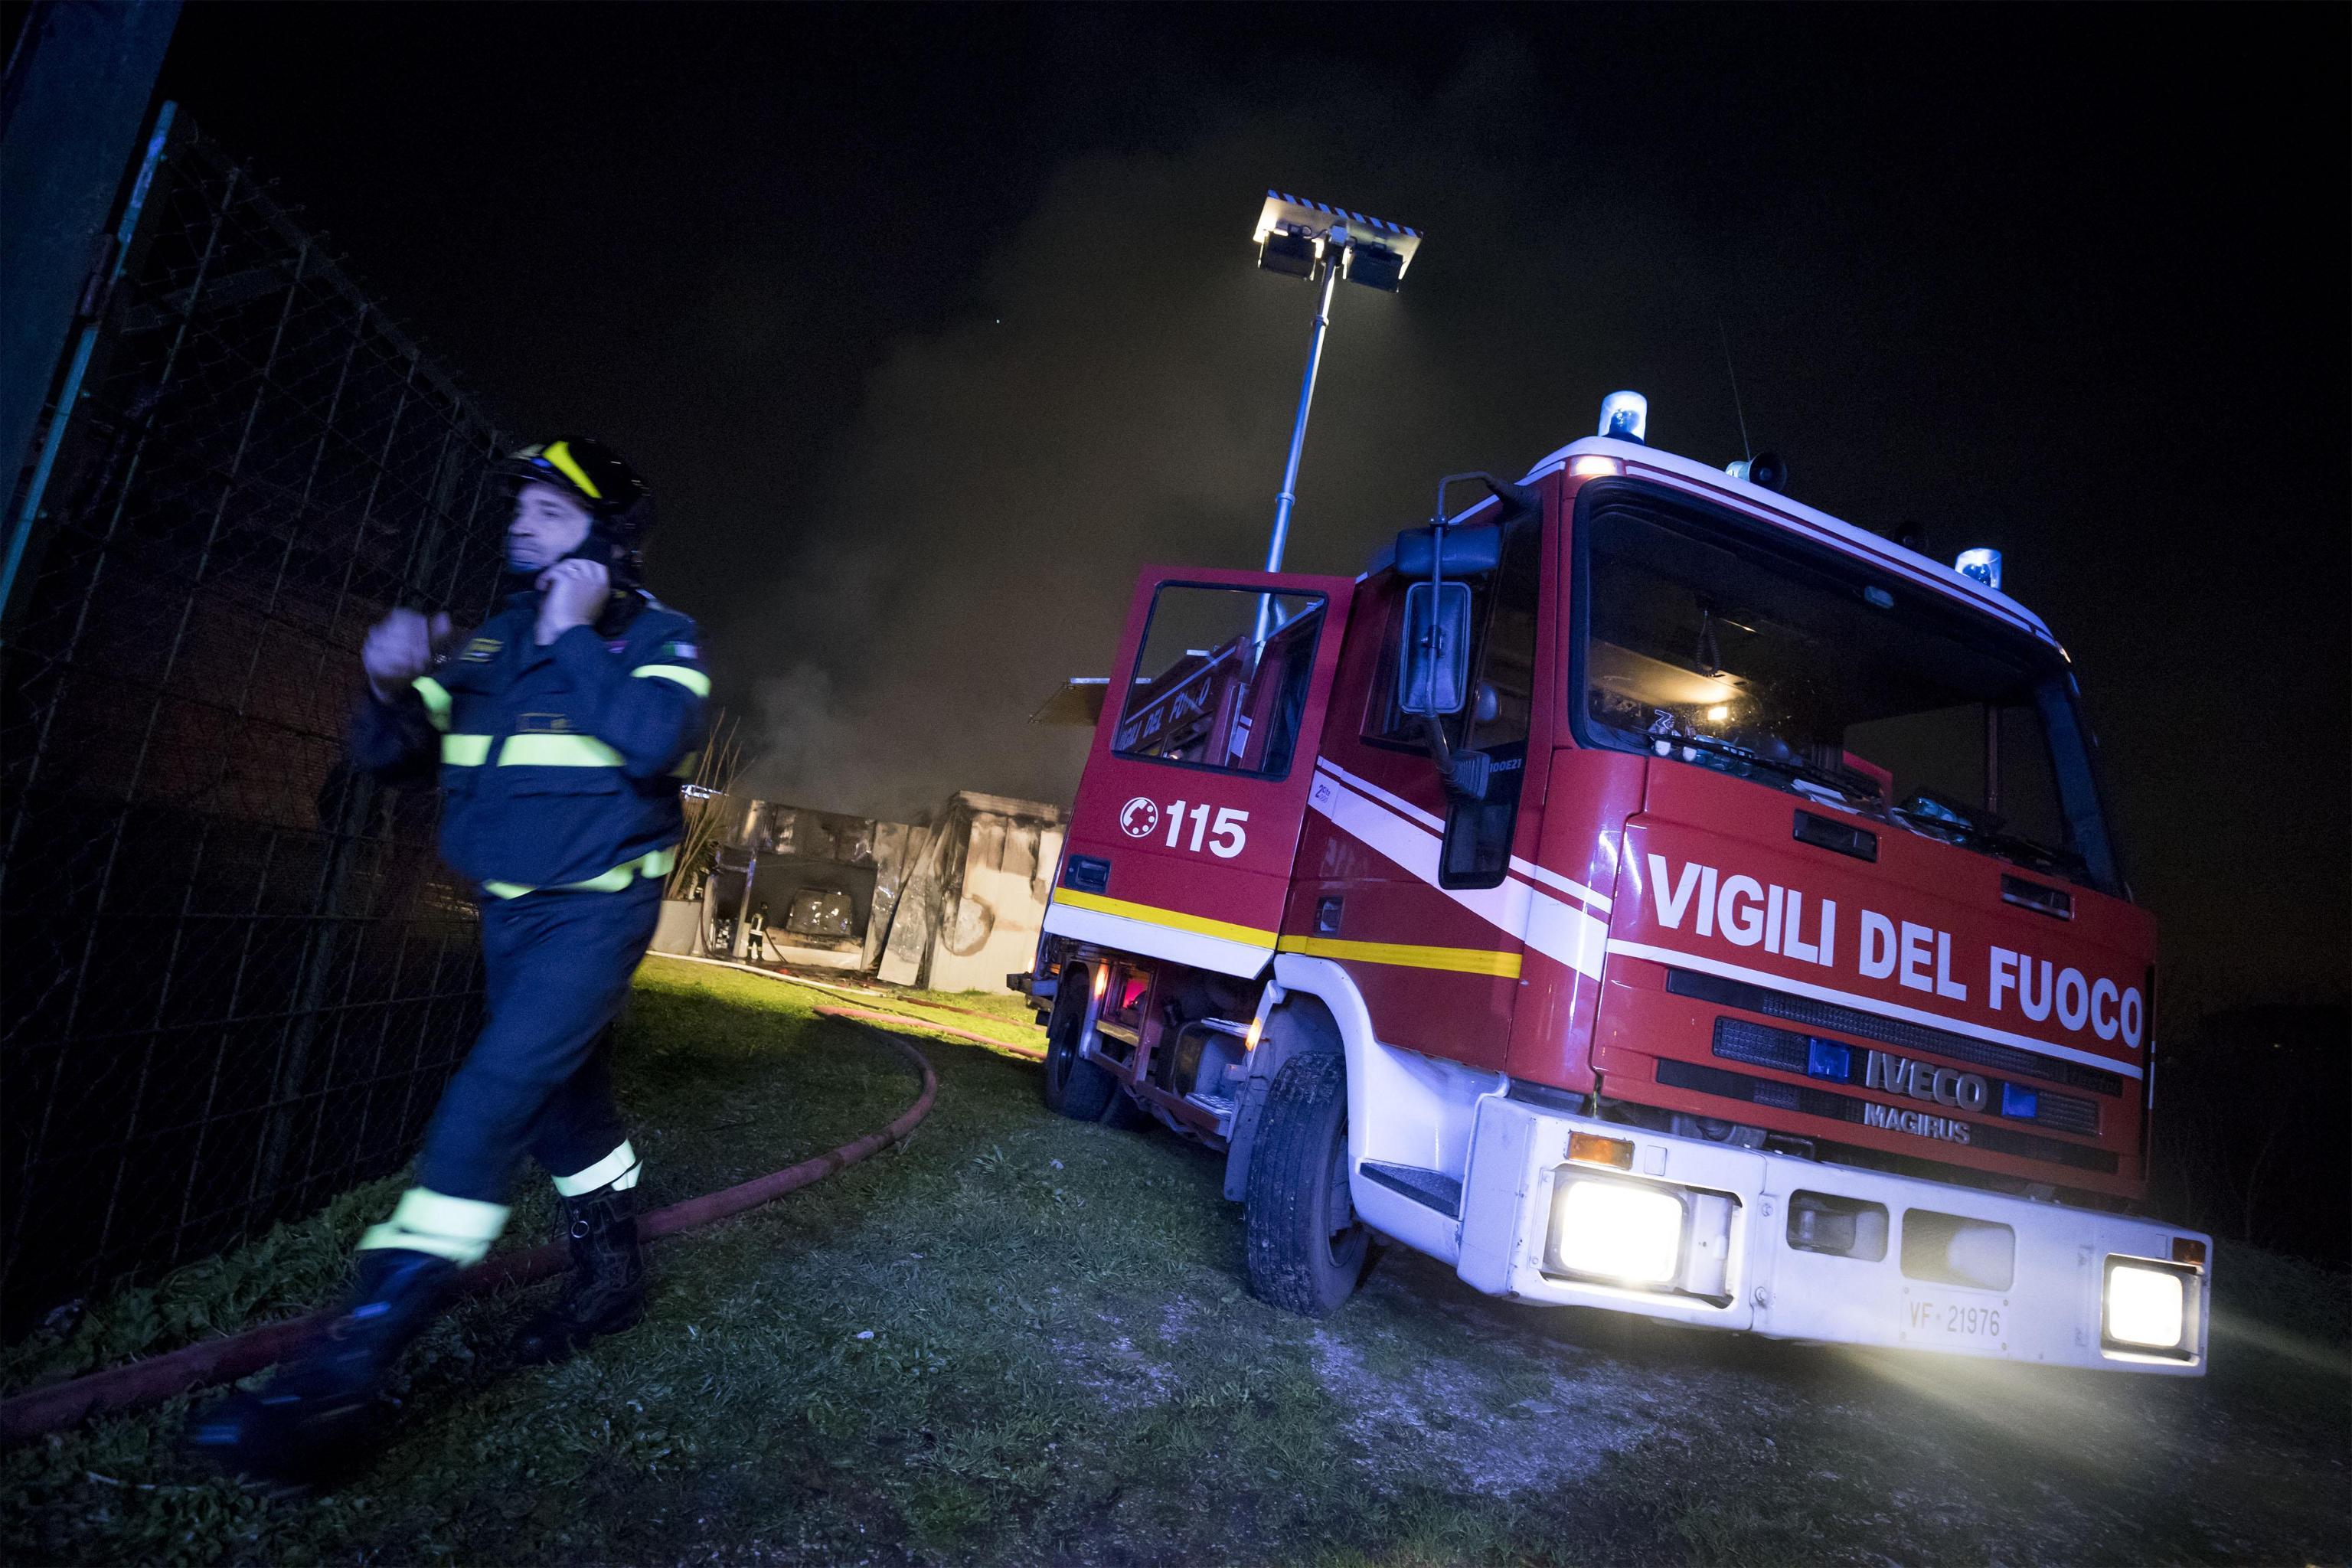 Sardegna: anziana salvata dalle fiamme di un incendio da tre ragazzini